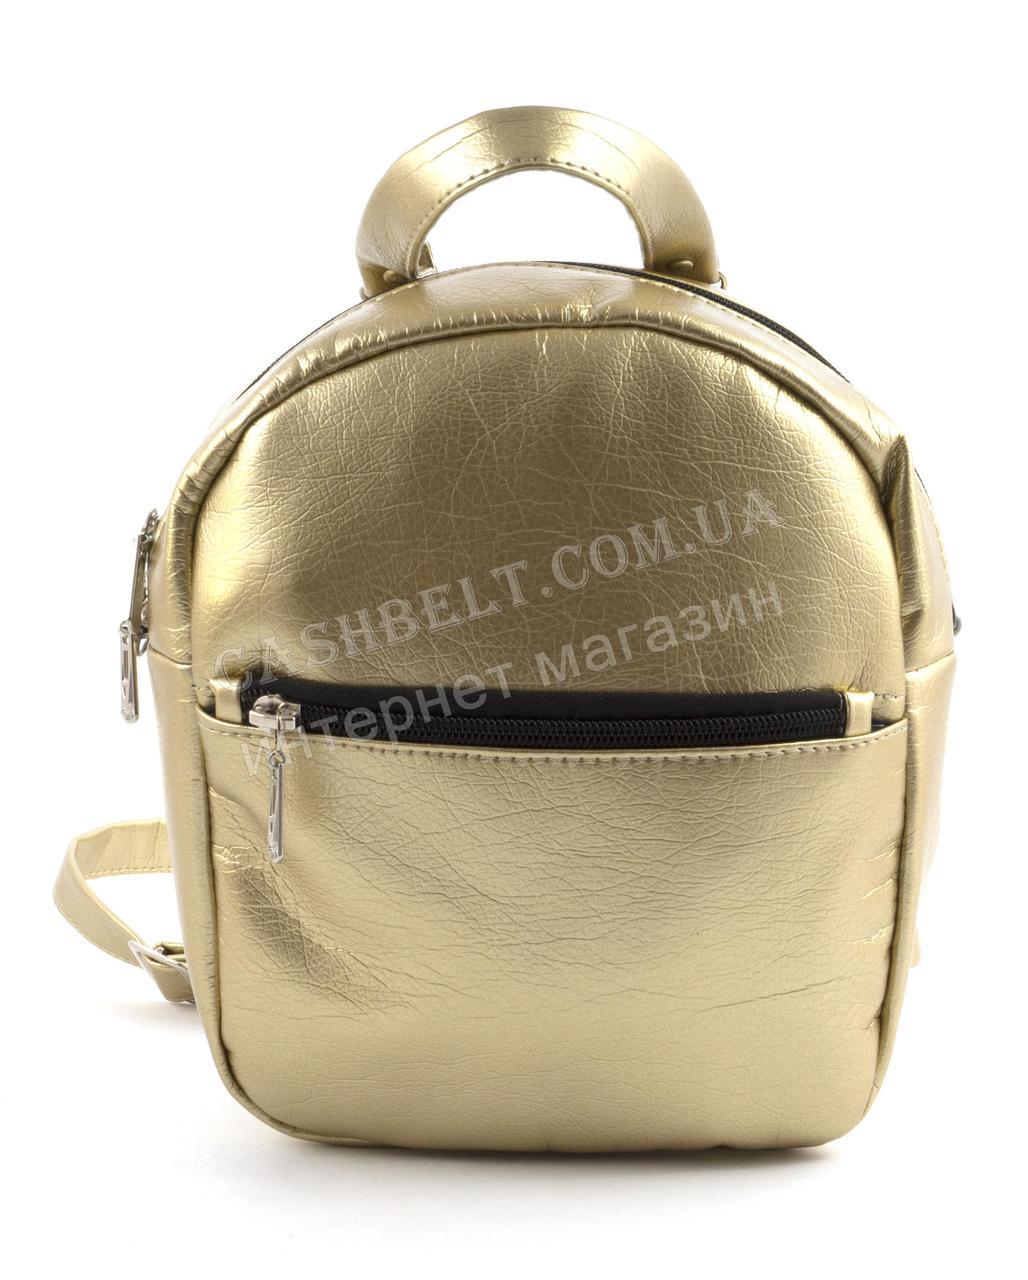 Маленький стильний оригінальний жіночий рюкзак з якісної шкіри PU ручна робота art. 016 золото